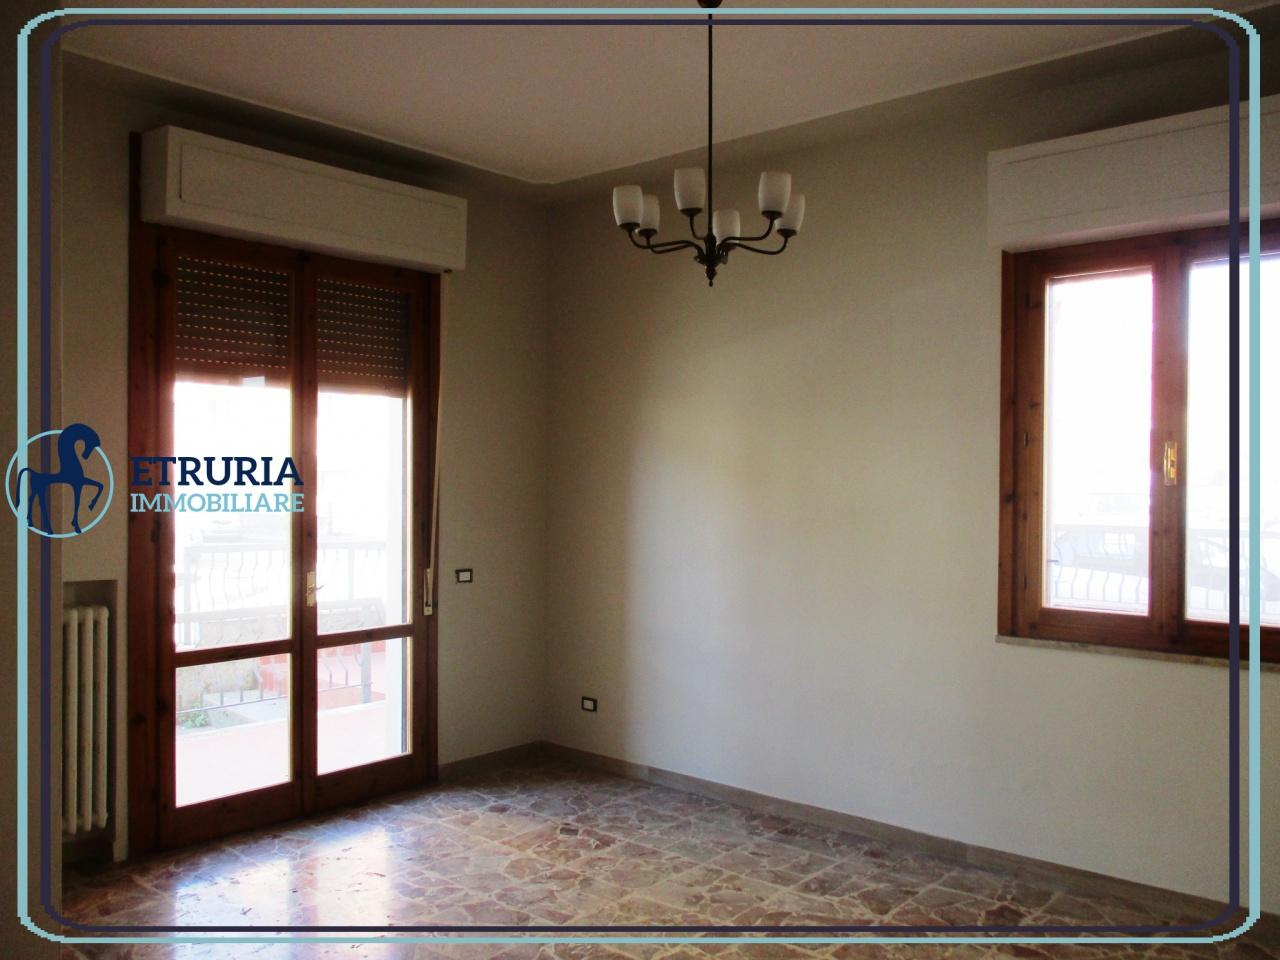 Appartamento Indipendente  Vendita Pistoia  - Casermette